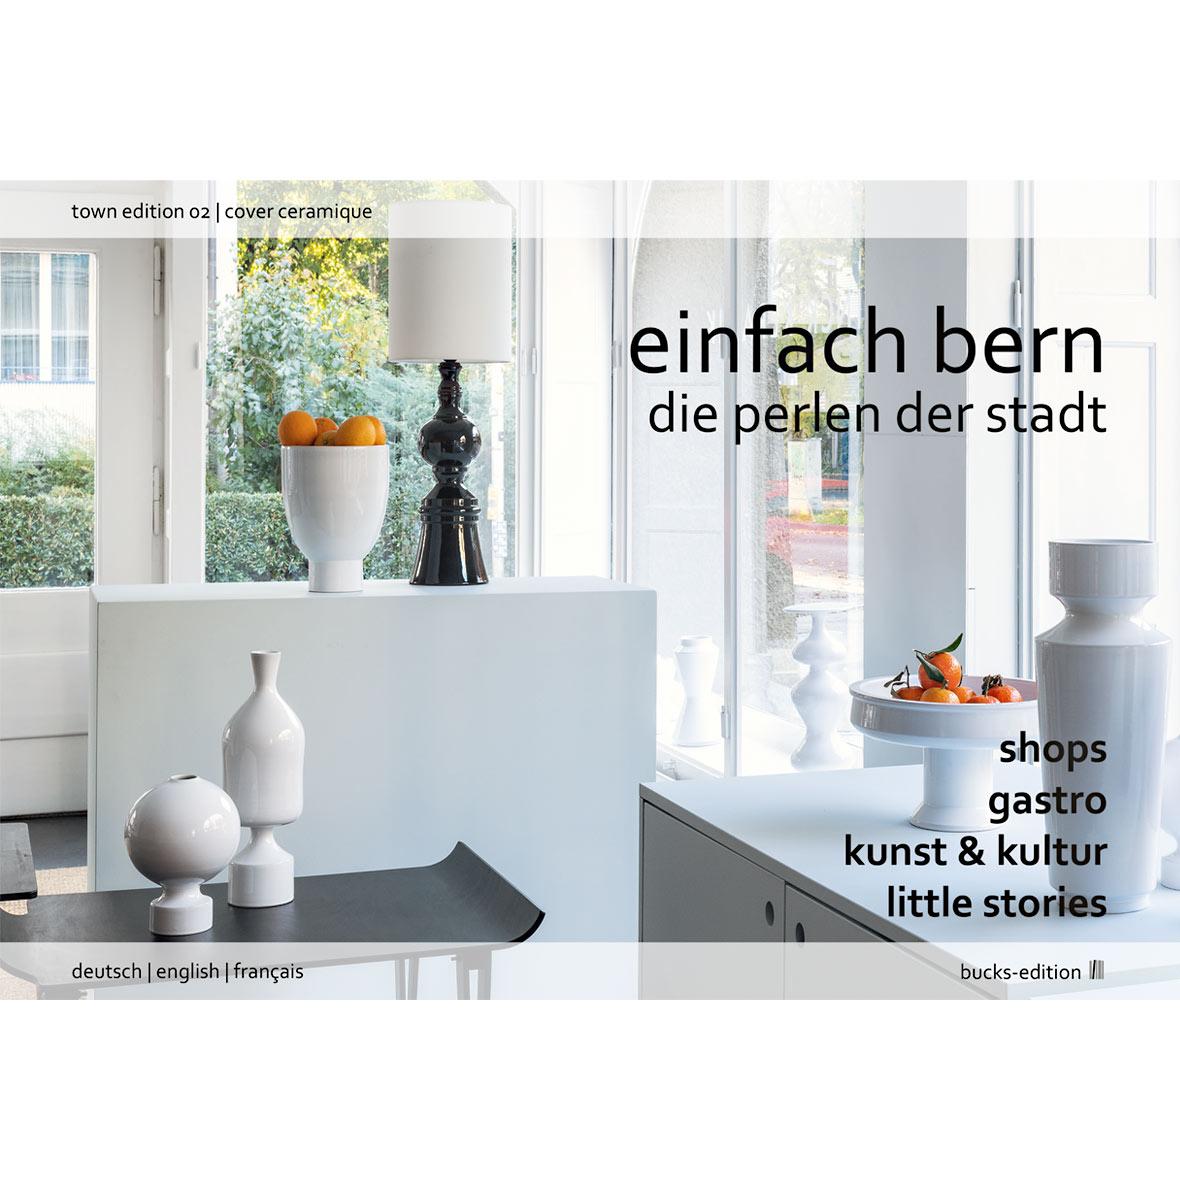 Stadtbuch - Einfach Bern Edition 2 – Die Perlen der Stadt - Cover Porzellan